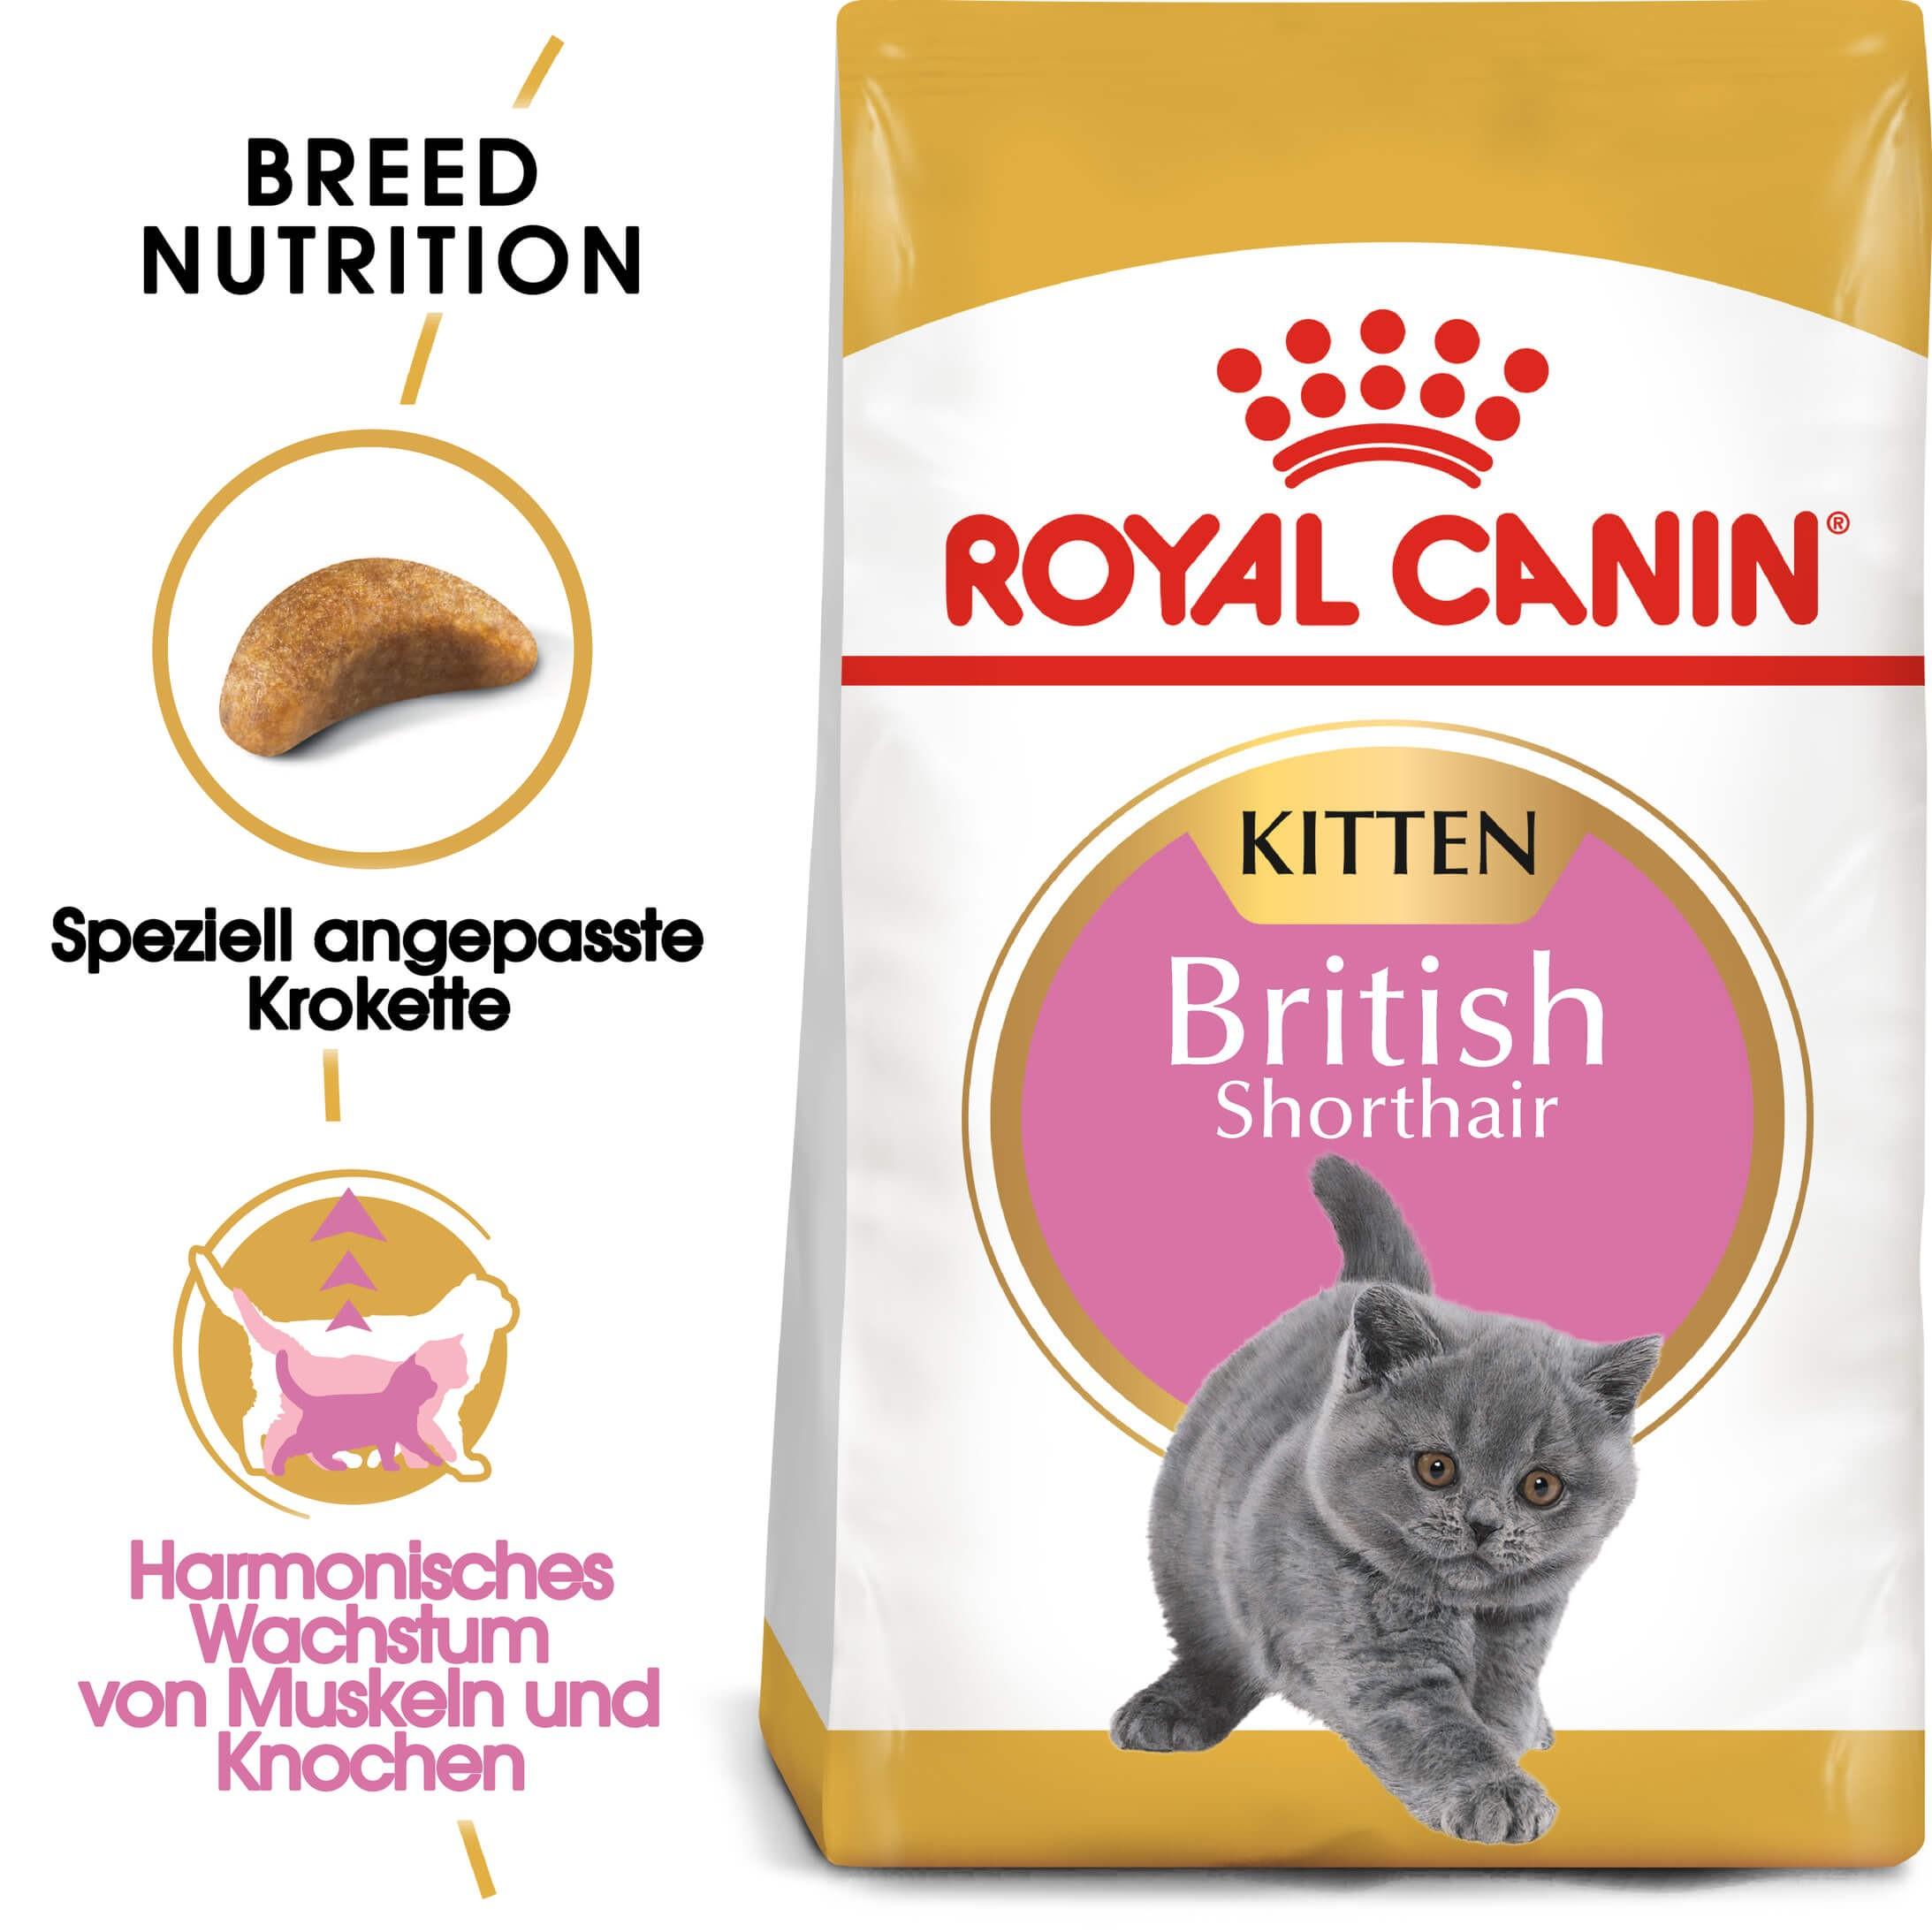 Royal Canin Britisch Kurzhaar Kitten Katzenfutter